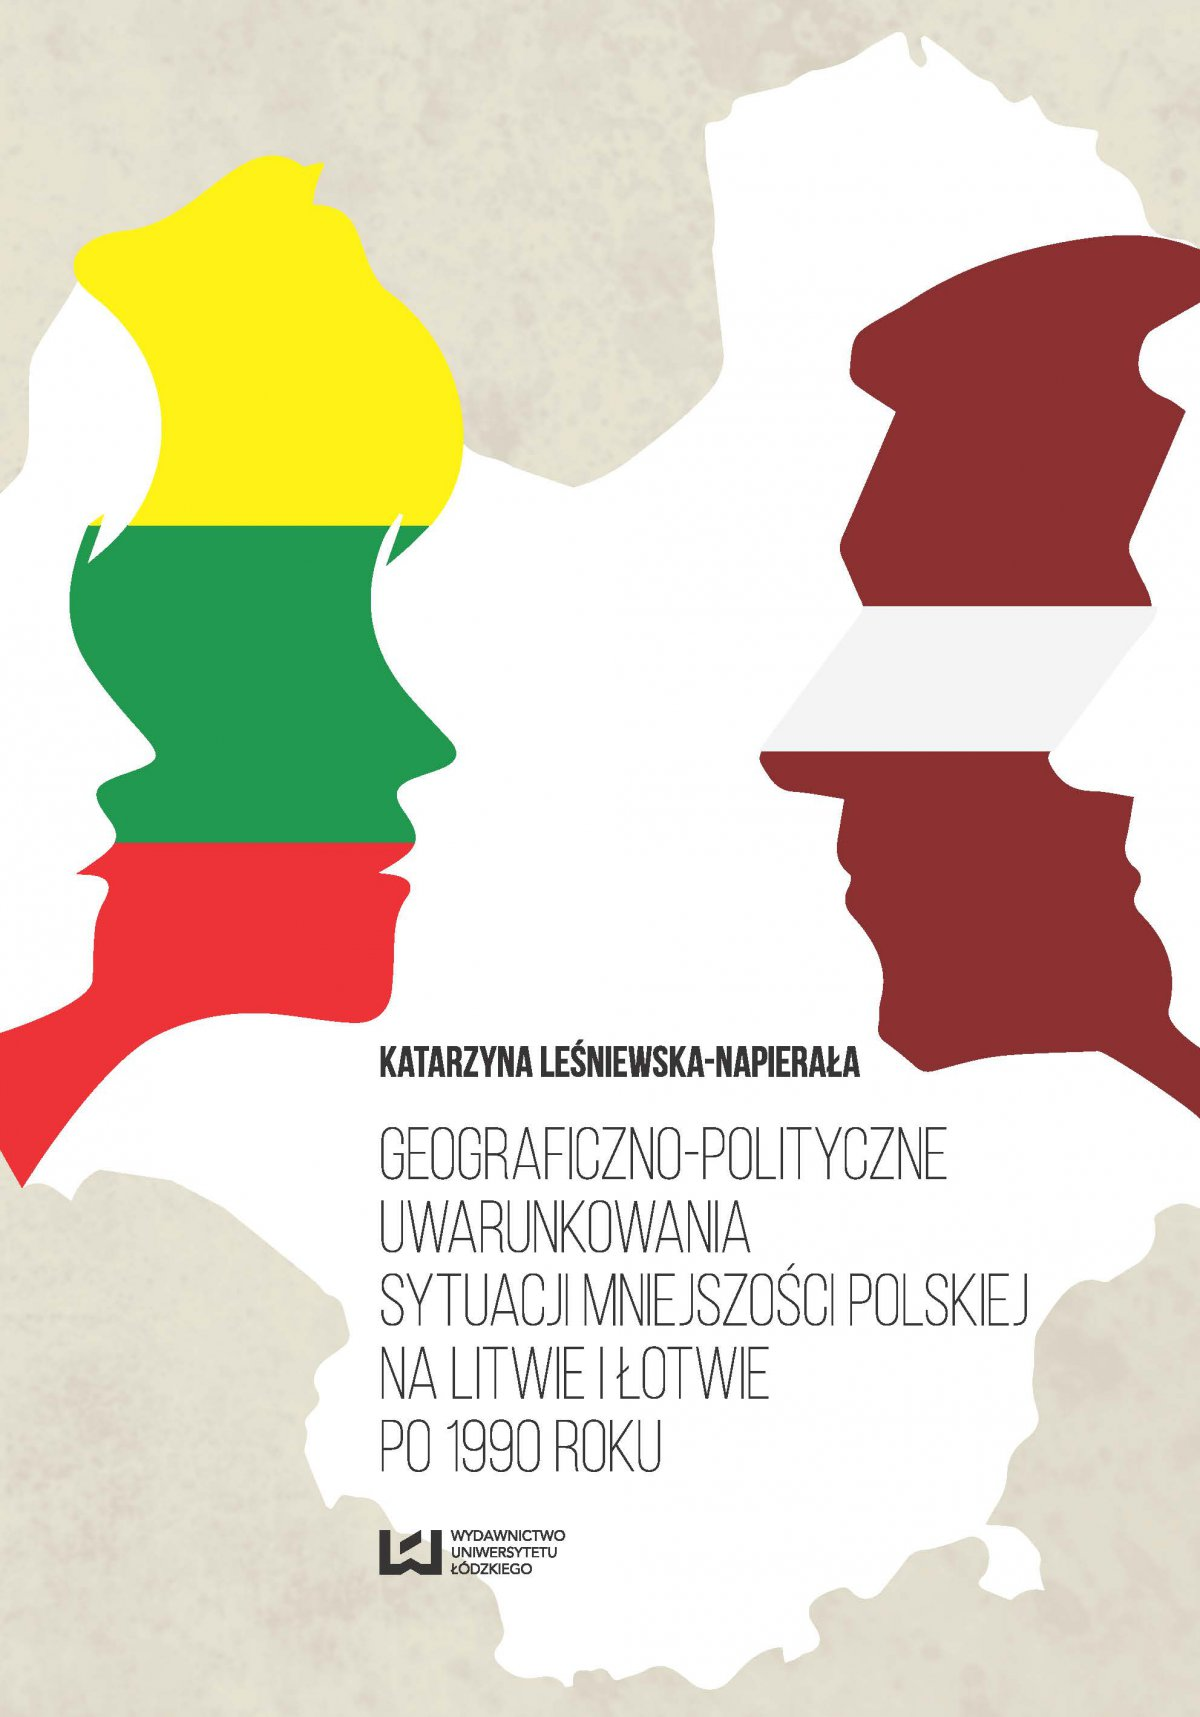 Geograficzno-polityczne uwarunkowania sytuacji mniejszości polskiej na Litwie i Łotwie po 1990 roku - Ebook (Książka PDF) do pobrania w formacie PDF